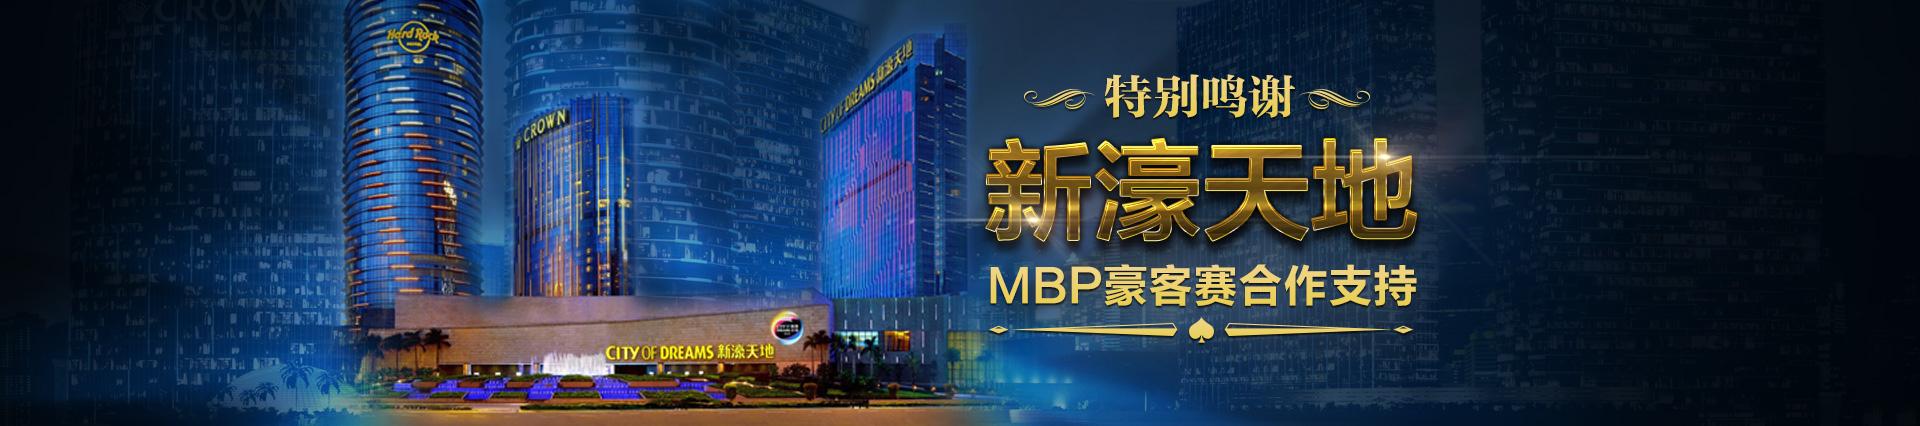 【特别鸣谢】新濠天地给予MBP豪客赛合作支持